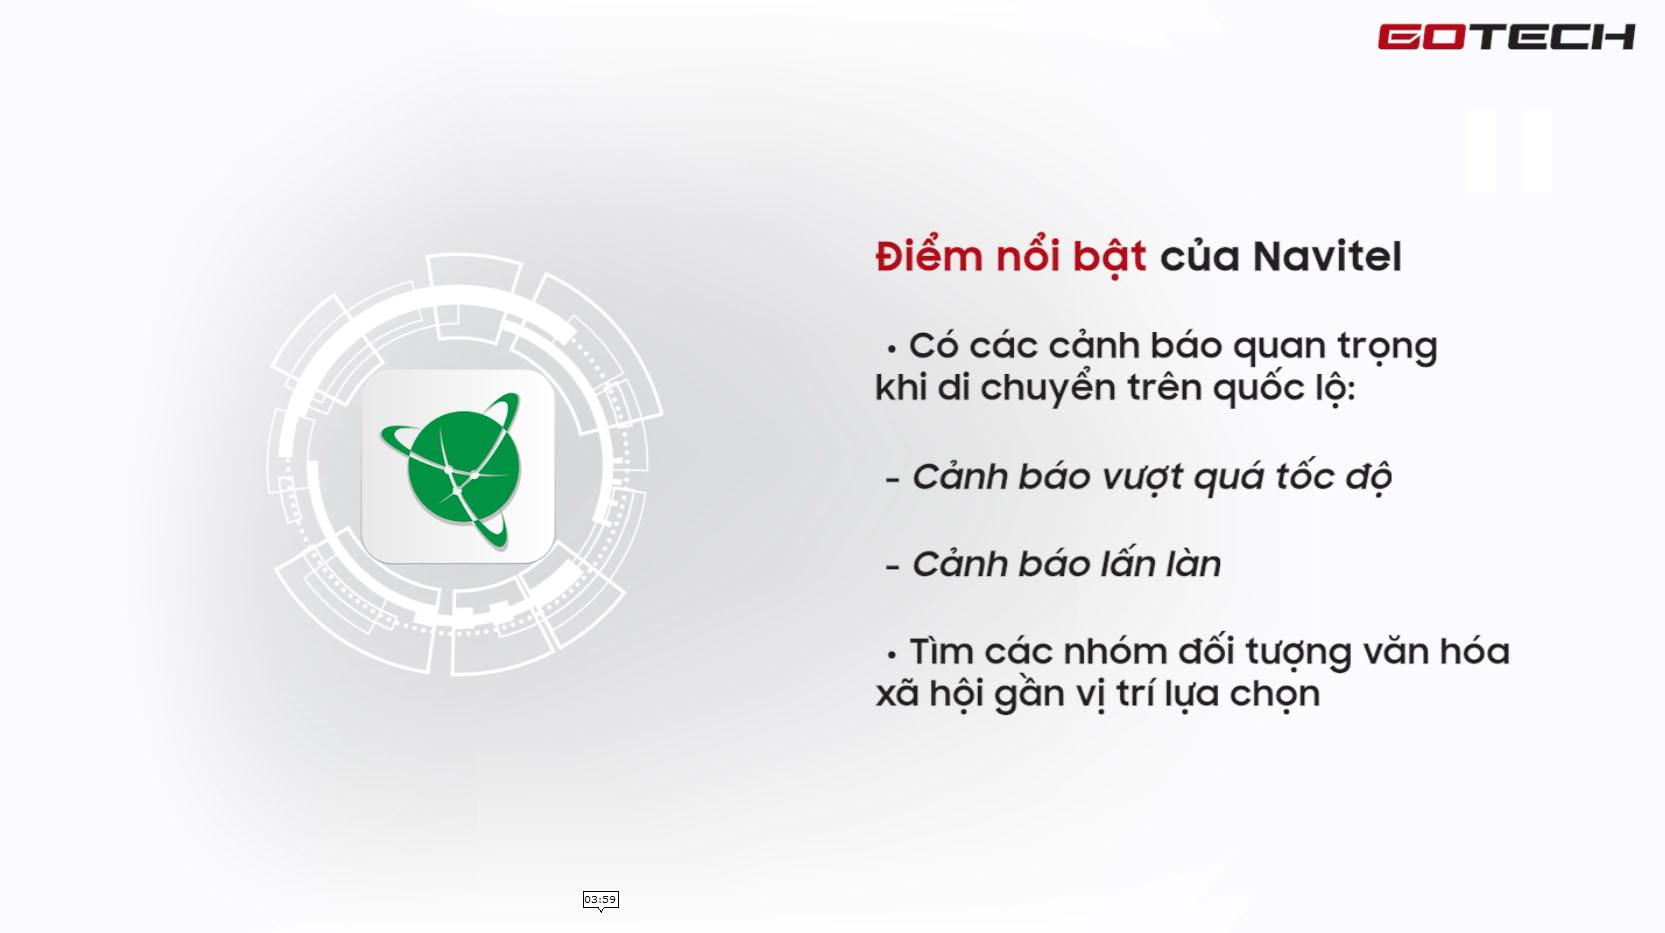 Lợi ích của việc sử dụng ứng dụng chỉ đường Navitel trên màn hình GOTECH